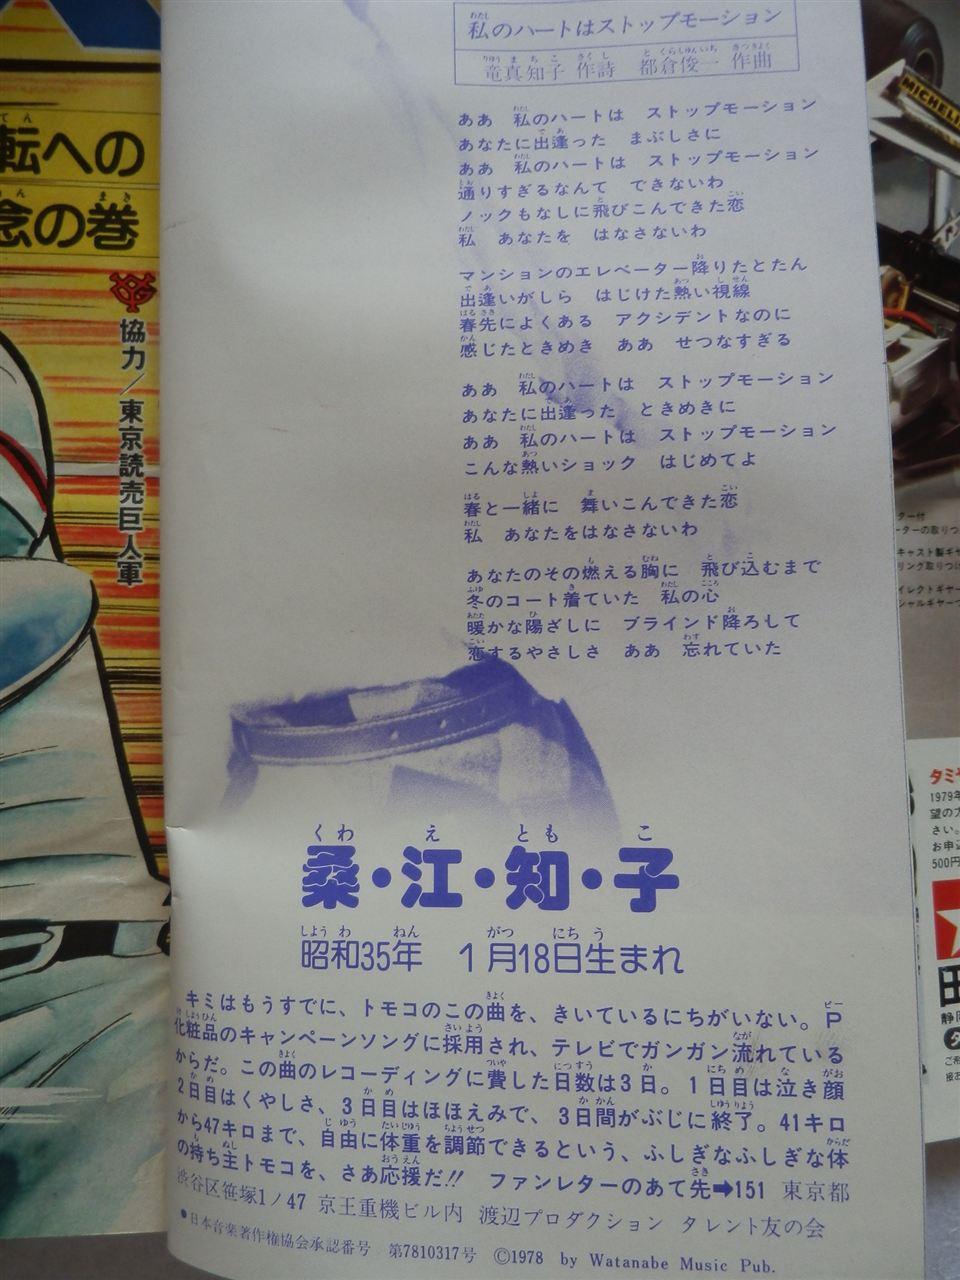 あーあ私のハートはストップモーション 杏里   車・自動車SNS(ブログ・パーツ・整備・燃費)